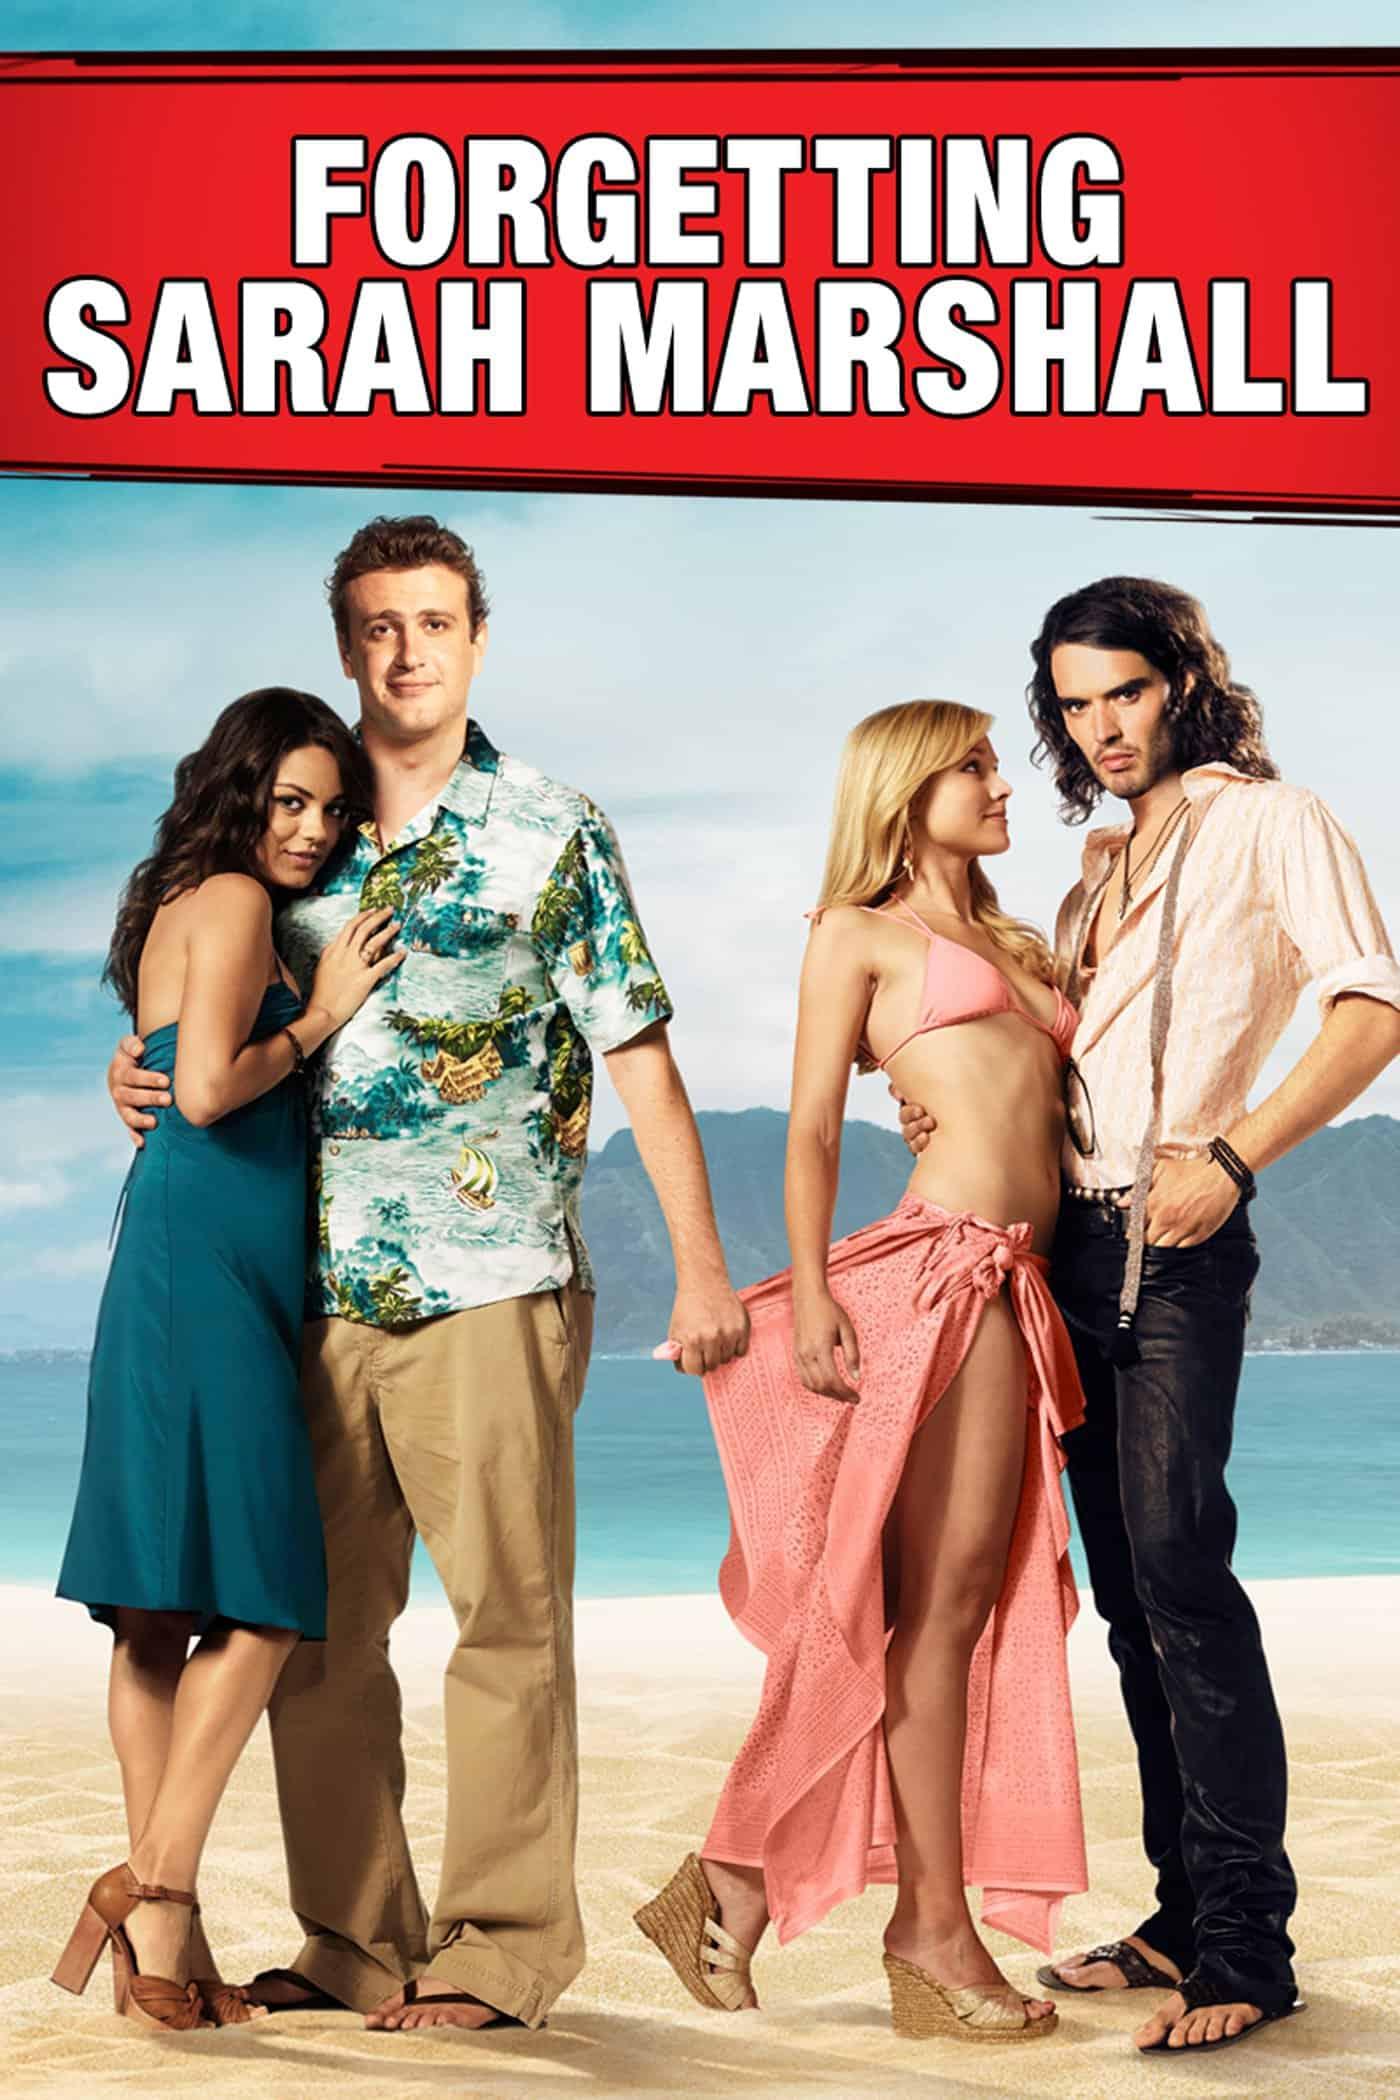 Forgetting Sarah Marshall, 2008